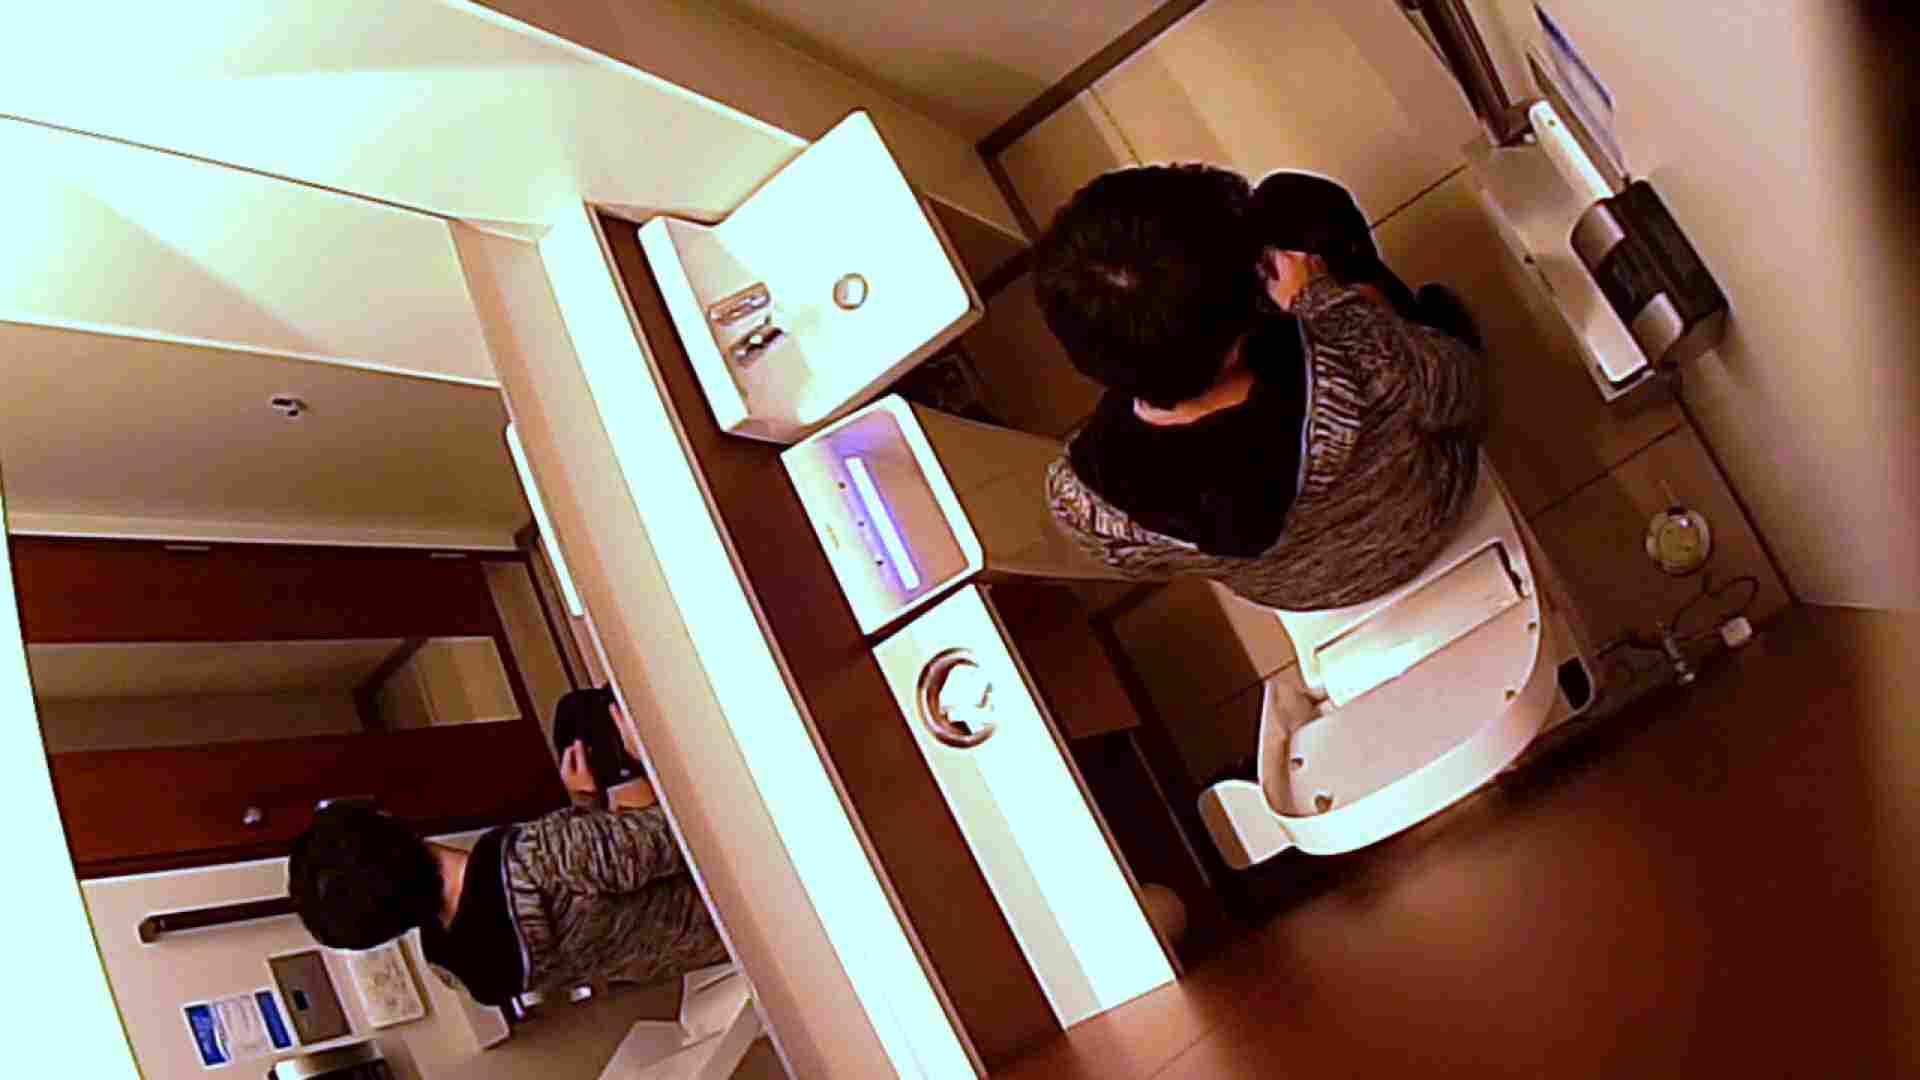 イケメンの素顔in洗面所 Vol.03 丸見え動画 | ボーイズうんこ  107pic 47